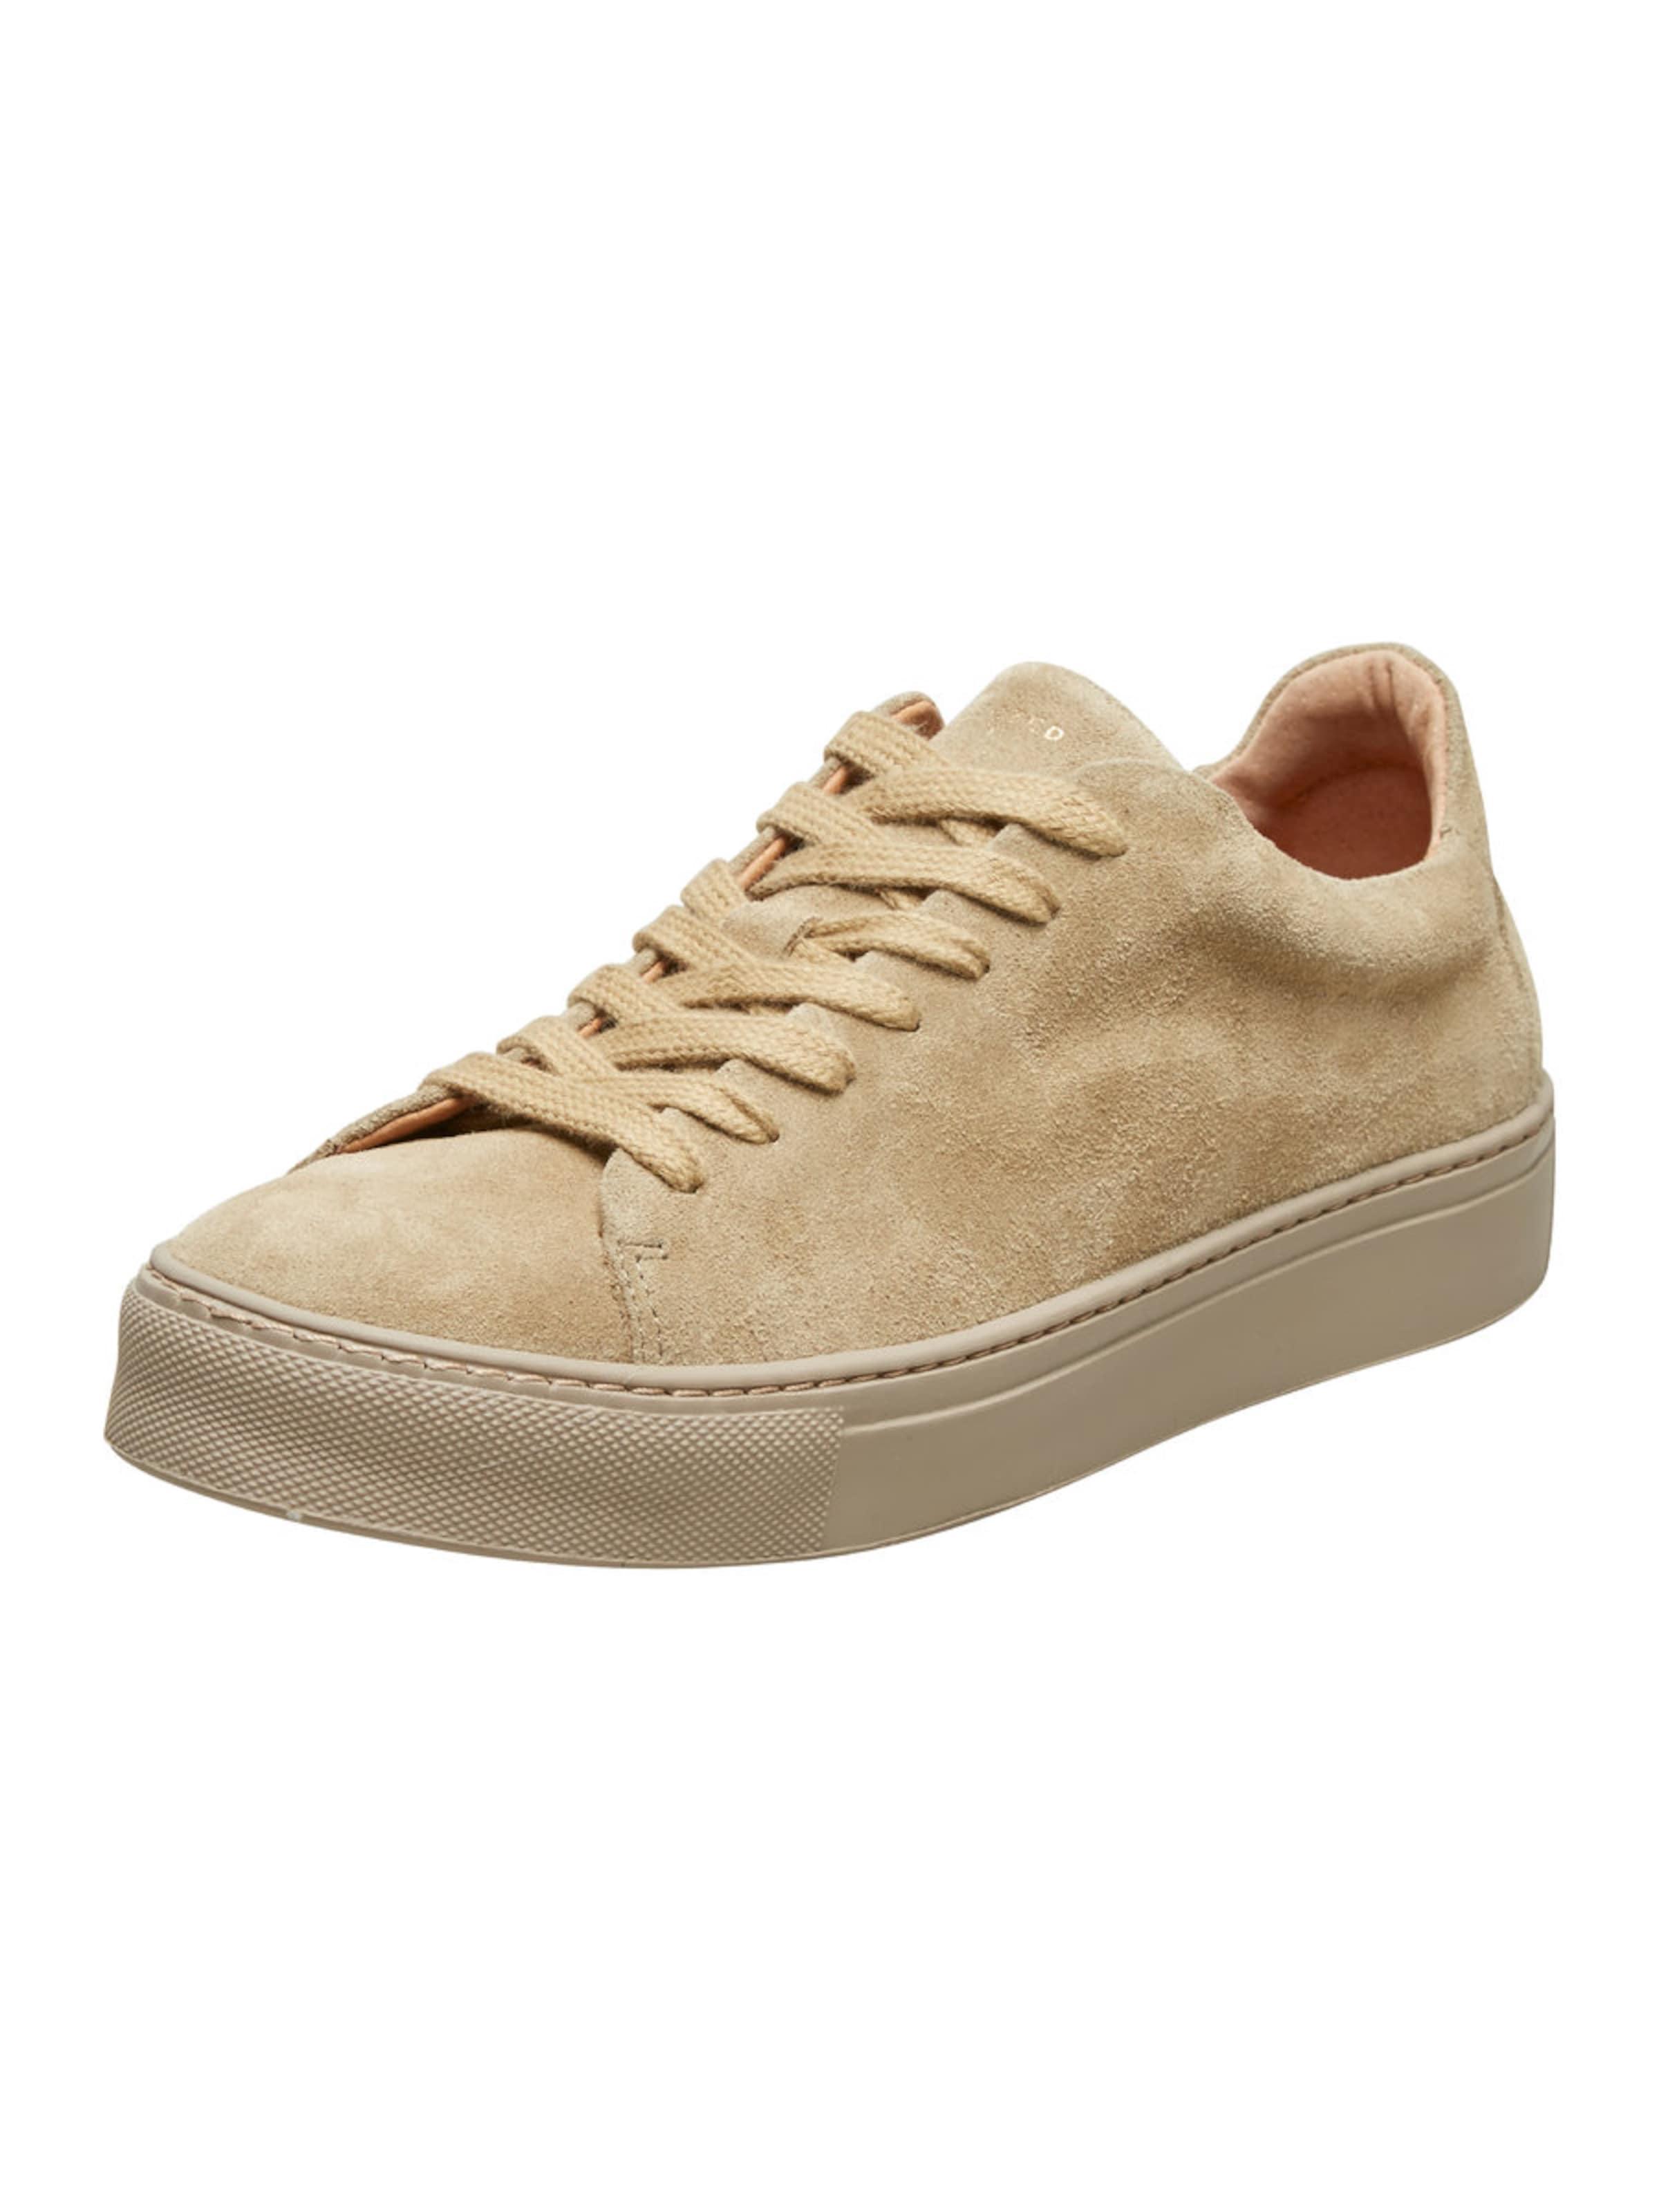 Haltbare Mode billige Schuhe SELECTED FEMME | Wildleder Sneaker Schuhe Gut getragene Schuhe